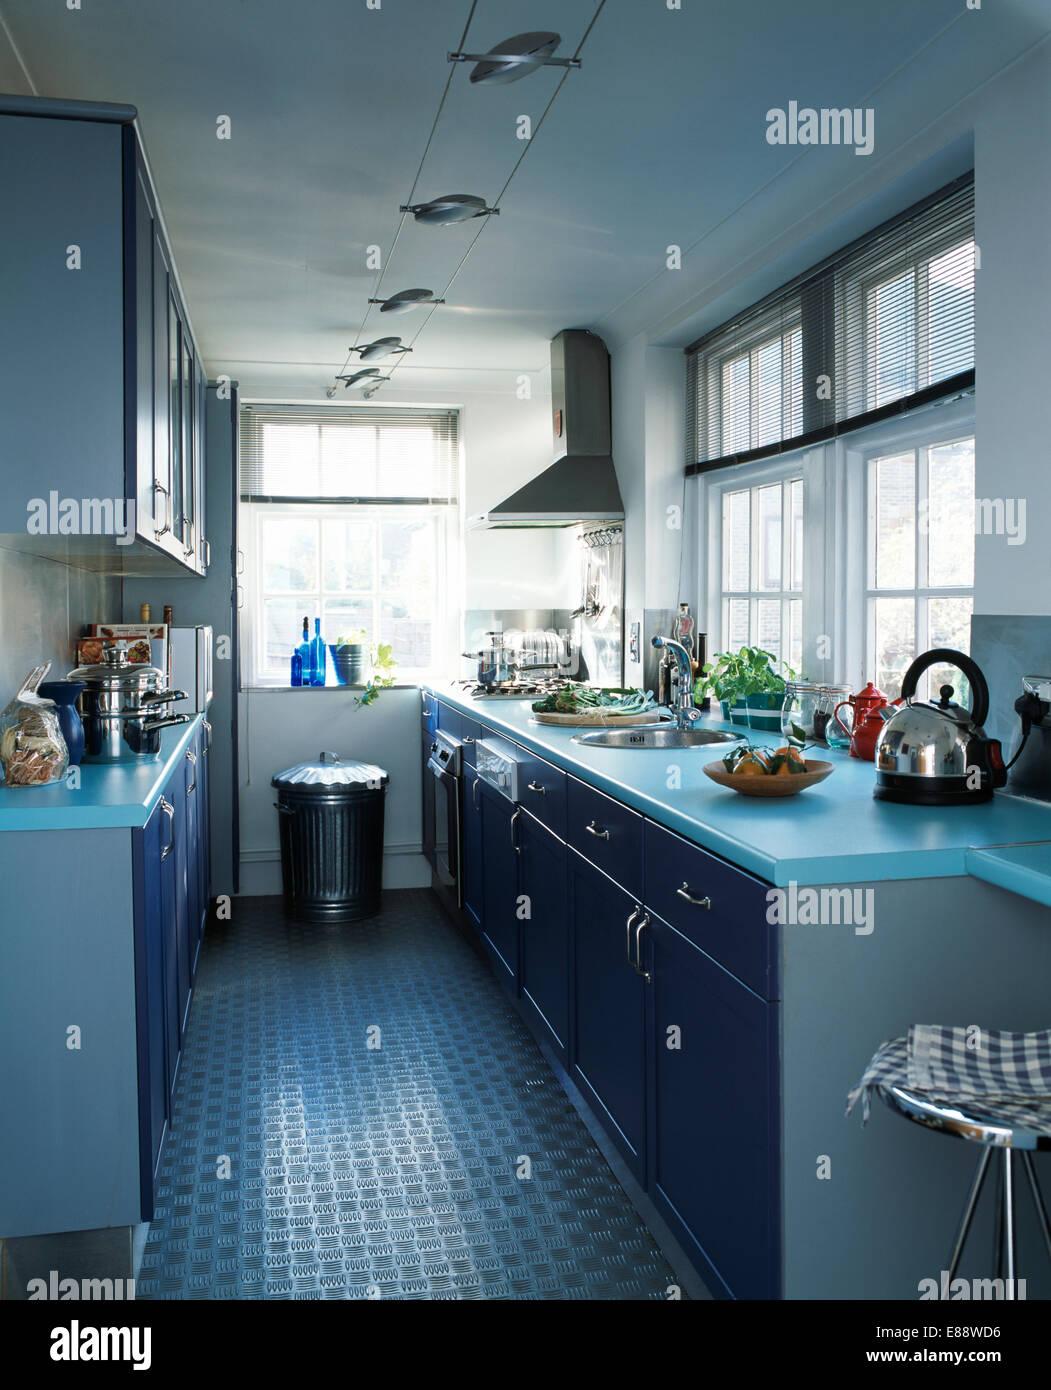 Kautschuk-Bodenbeläge in moderne Pantry-Küche mit blassen blauen ...